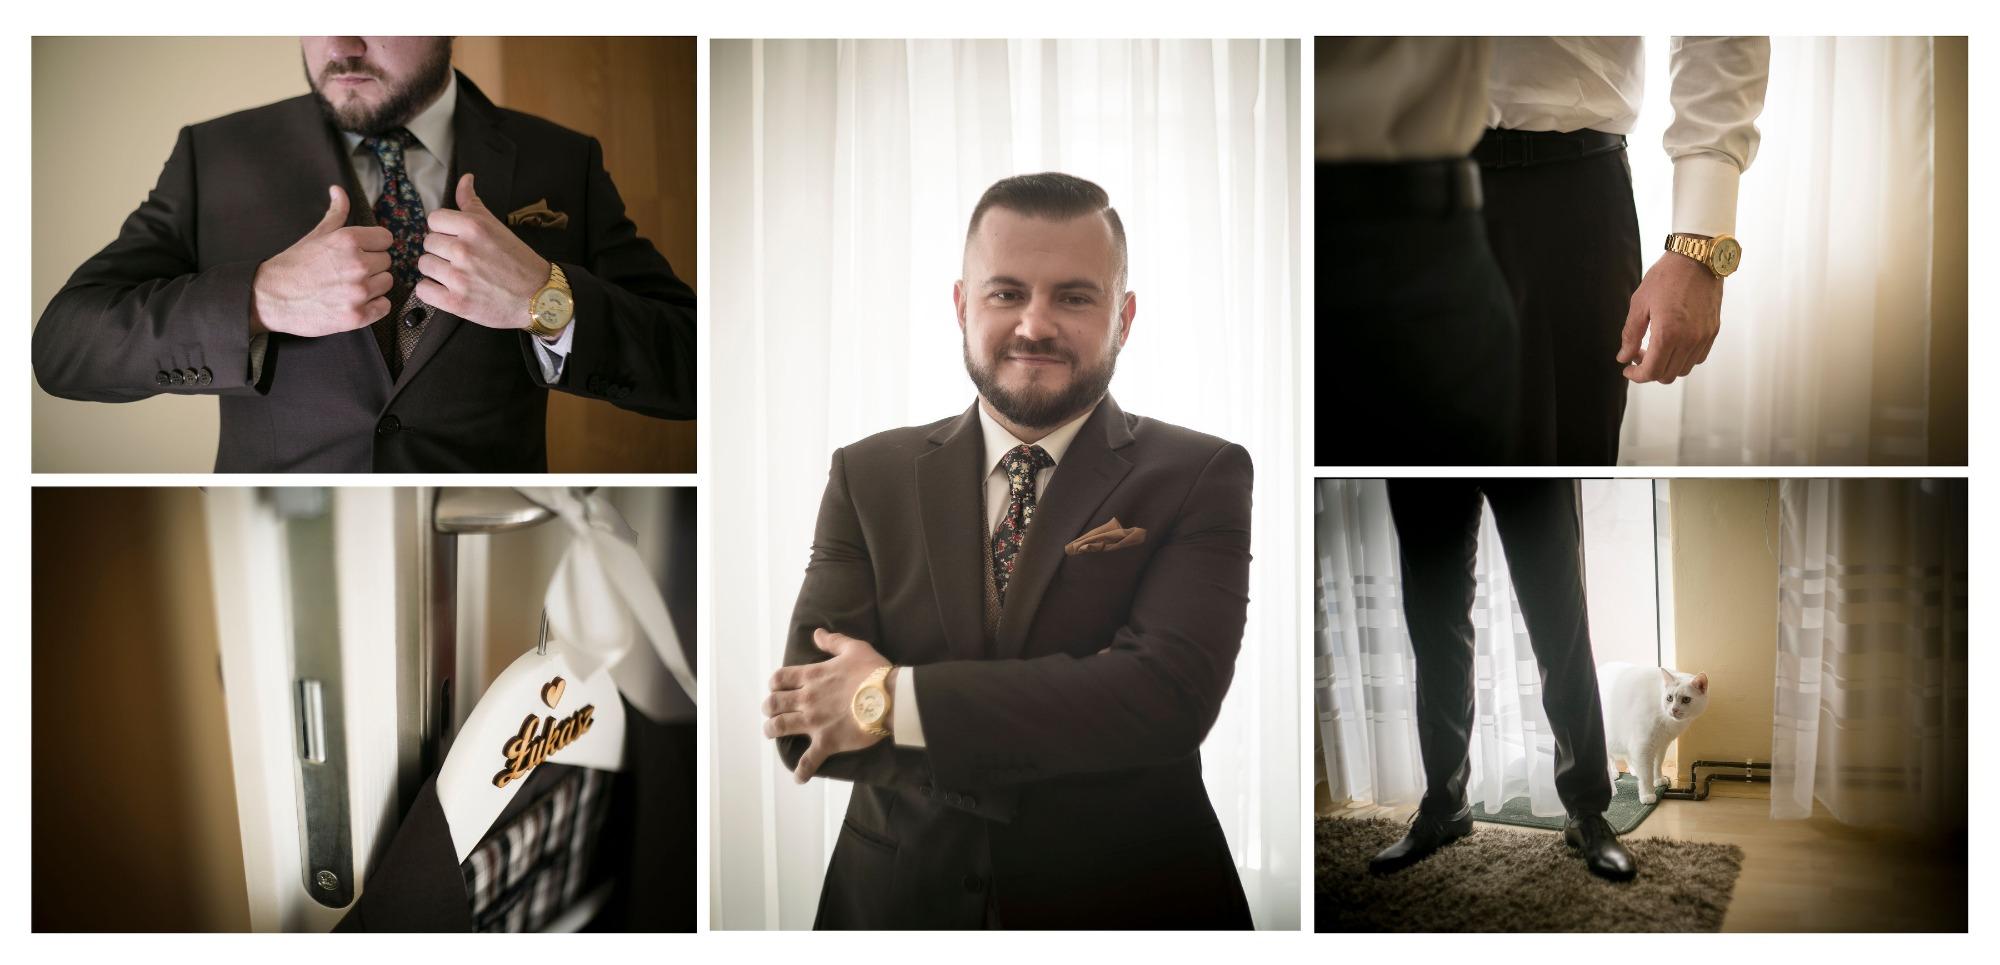 Dziesitki tysicy singli w Warszawie na randk maletas-harderback.com